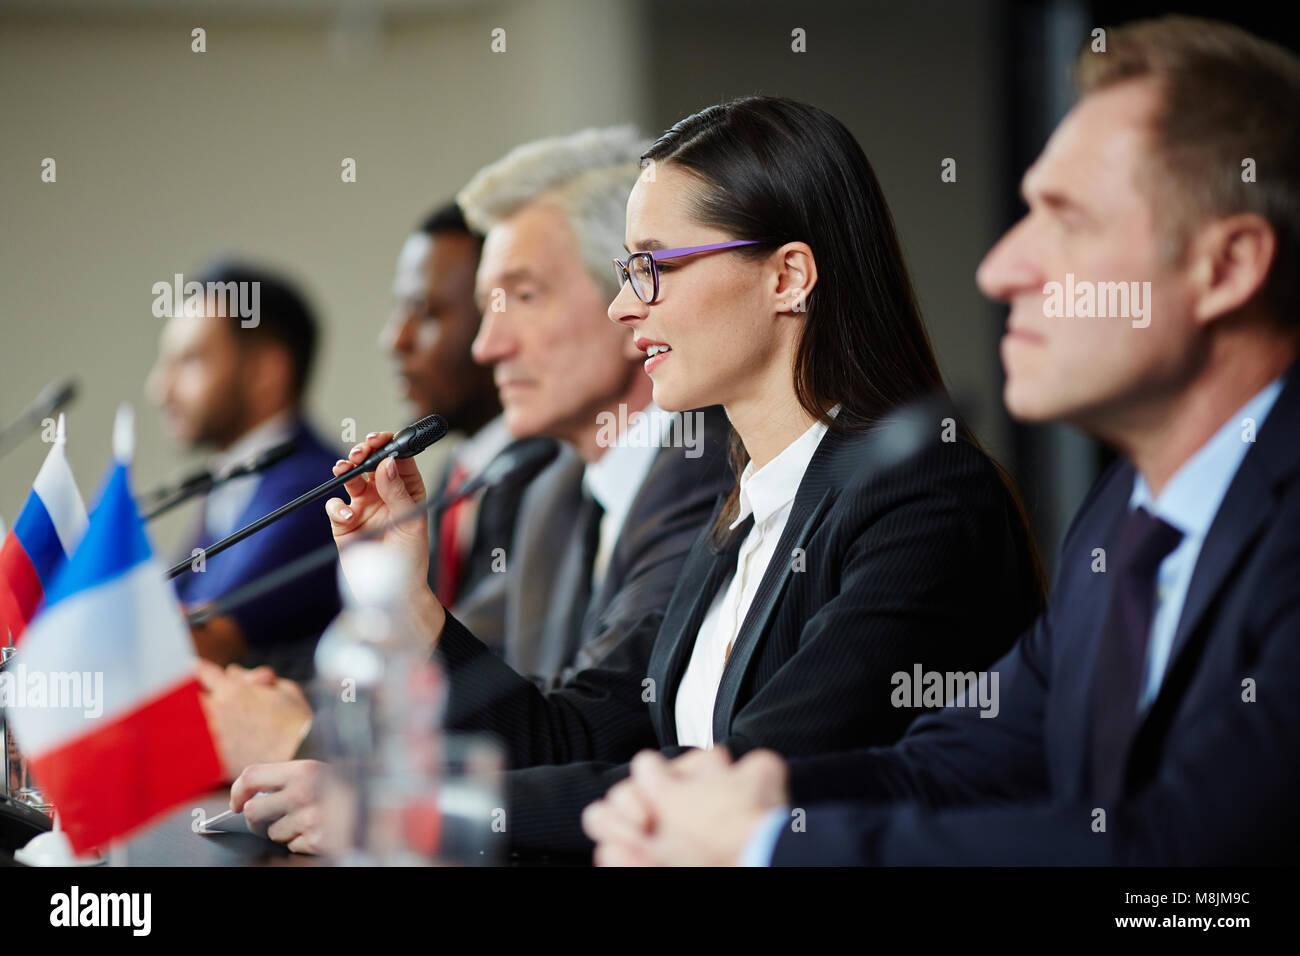 Rapport d'une femme politique Photo Stock